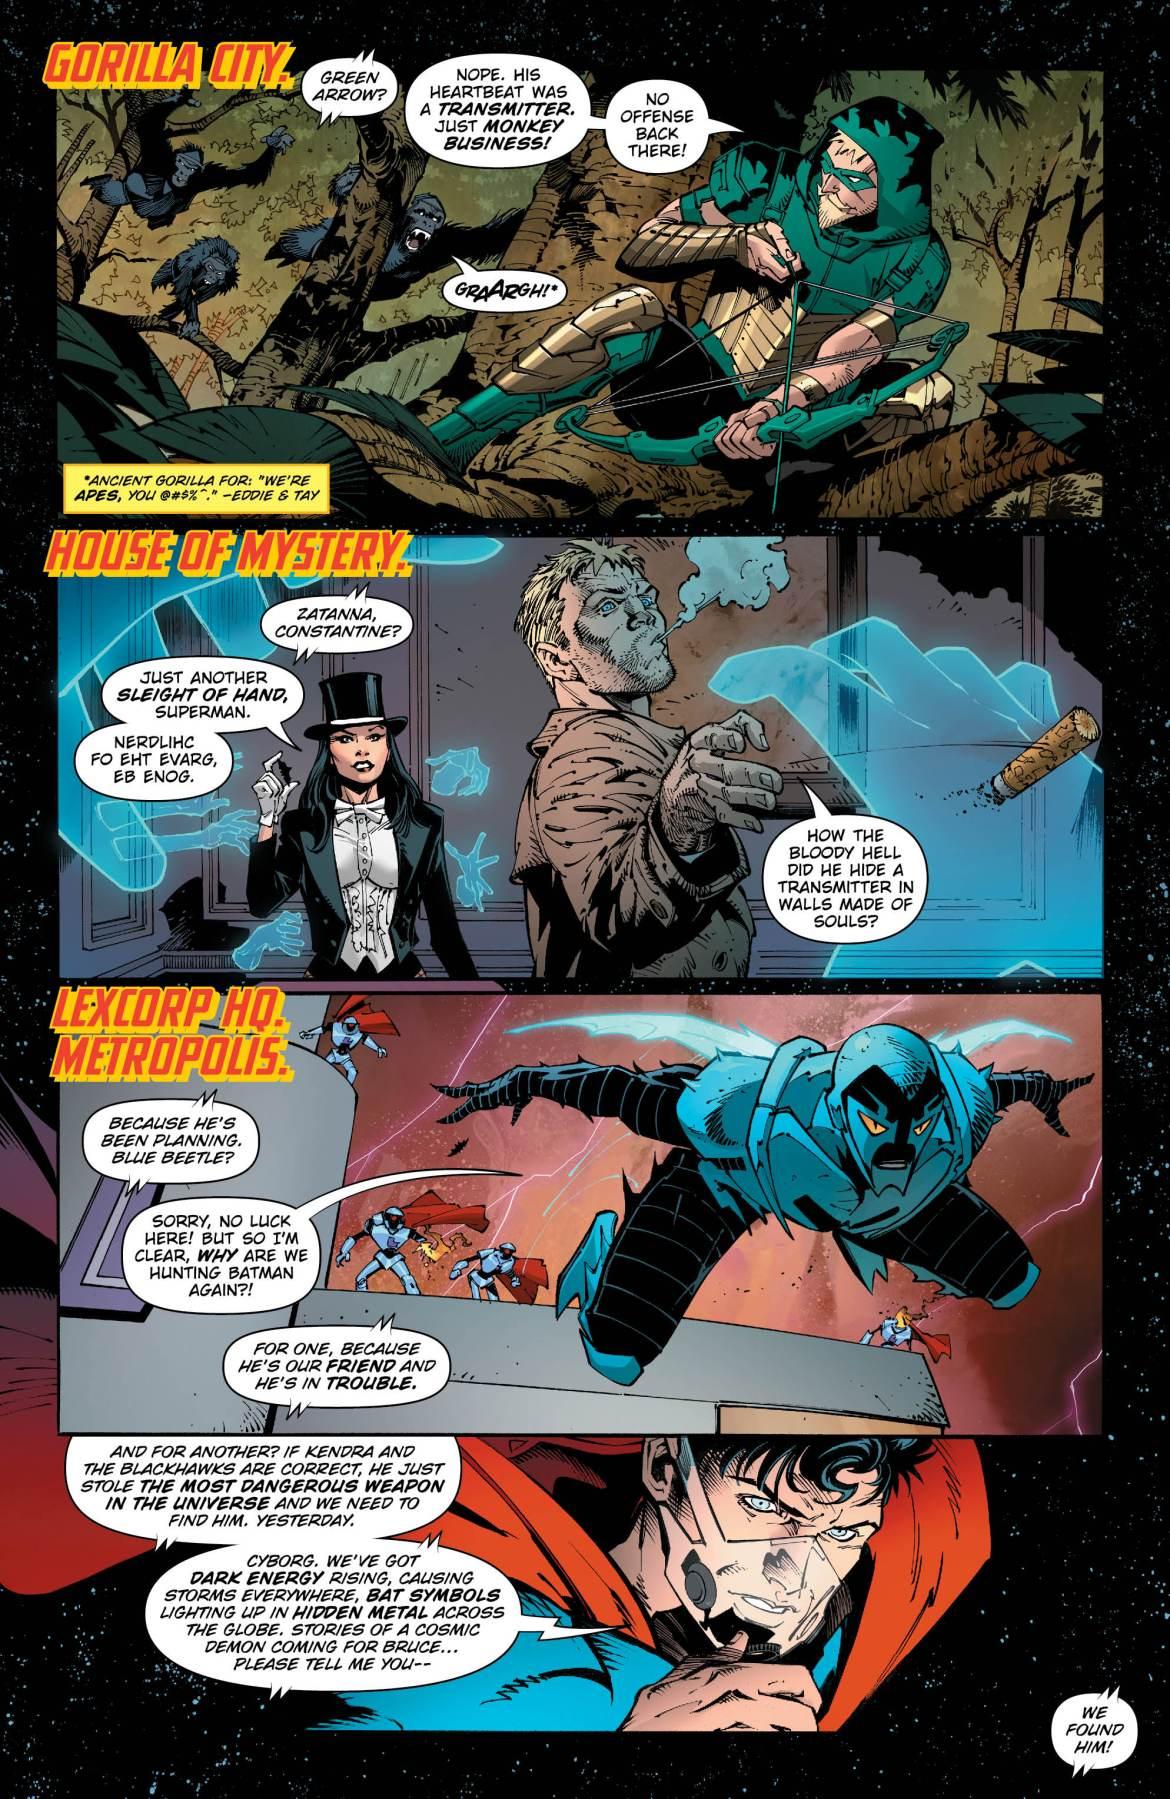 Metal 2 - Page 2 - DC Comics News